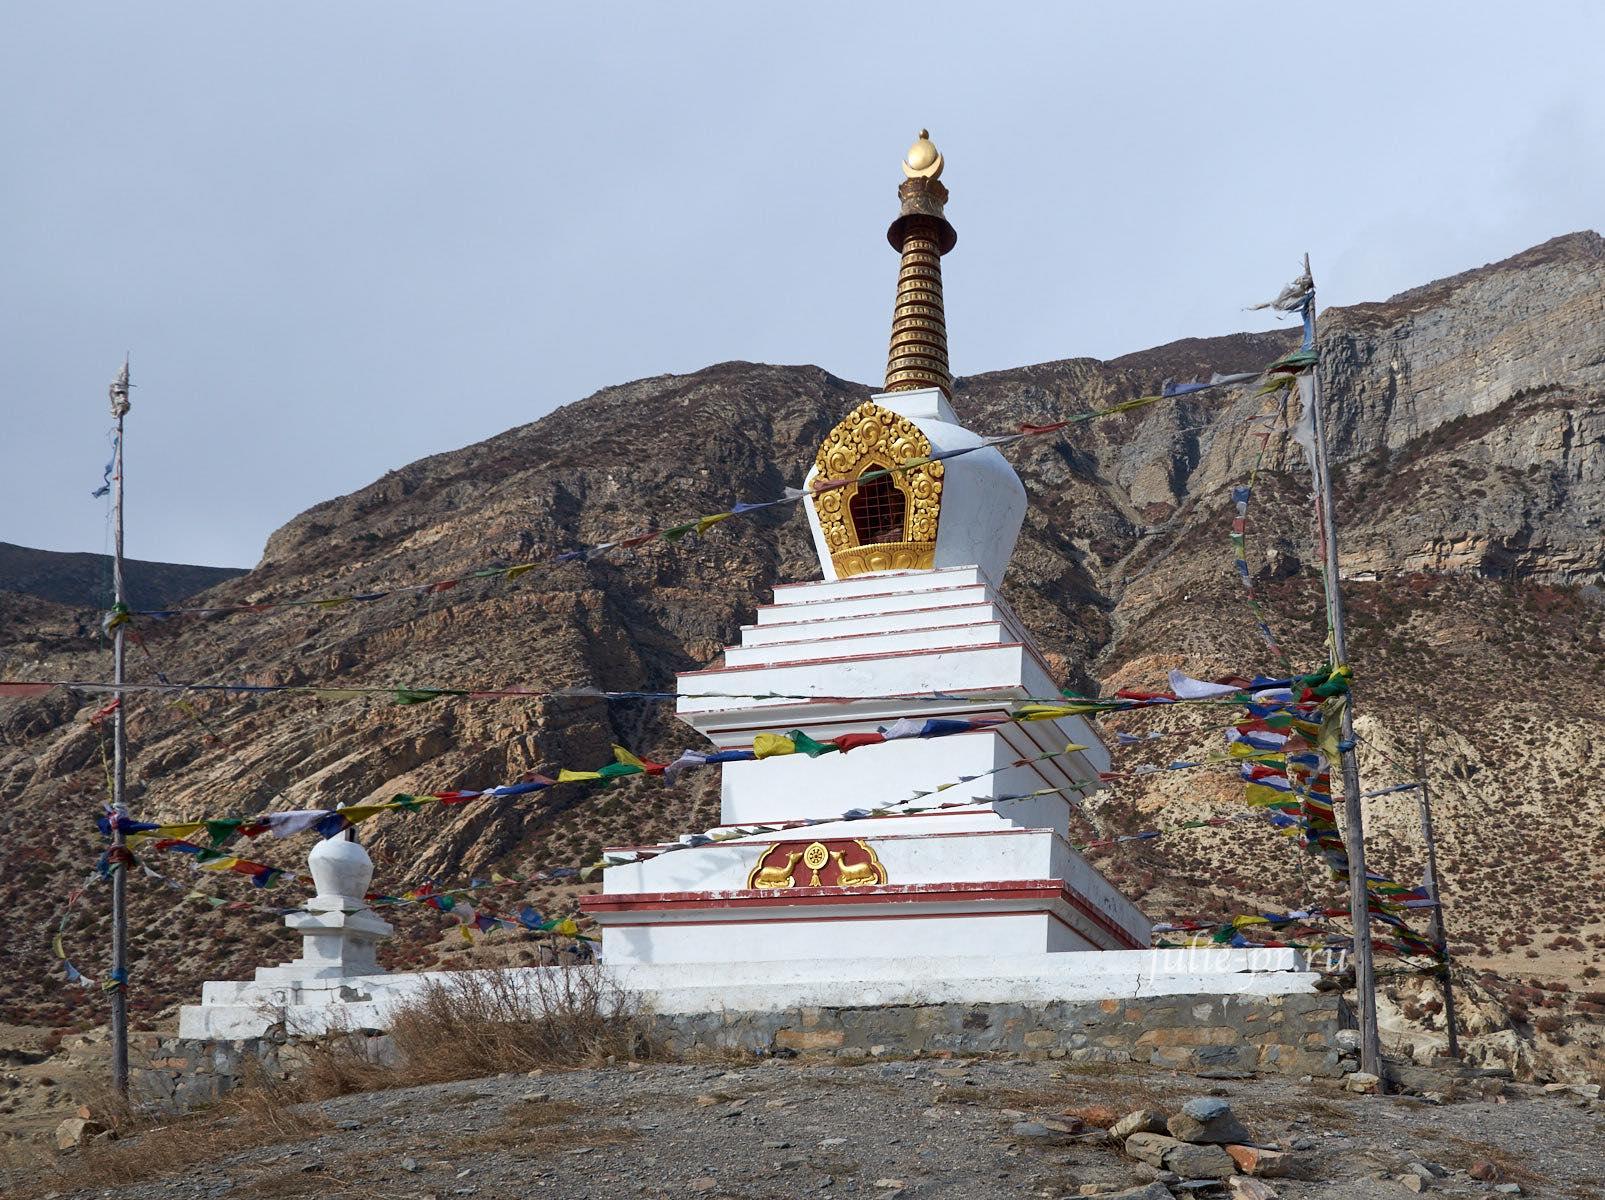 Непал, Трек вокруг Аннапурны, Мананг, Ступа